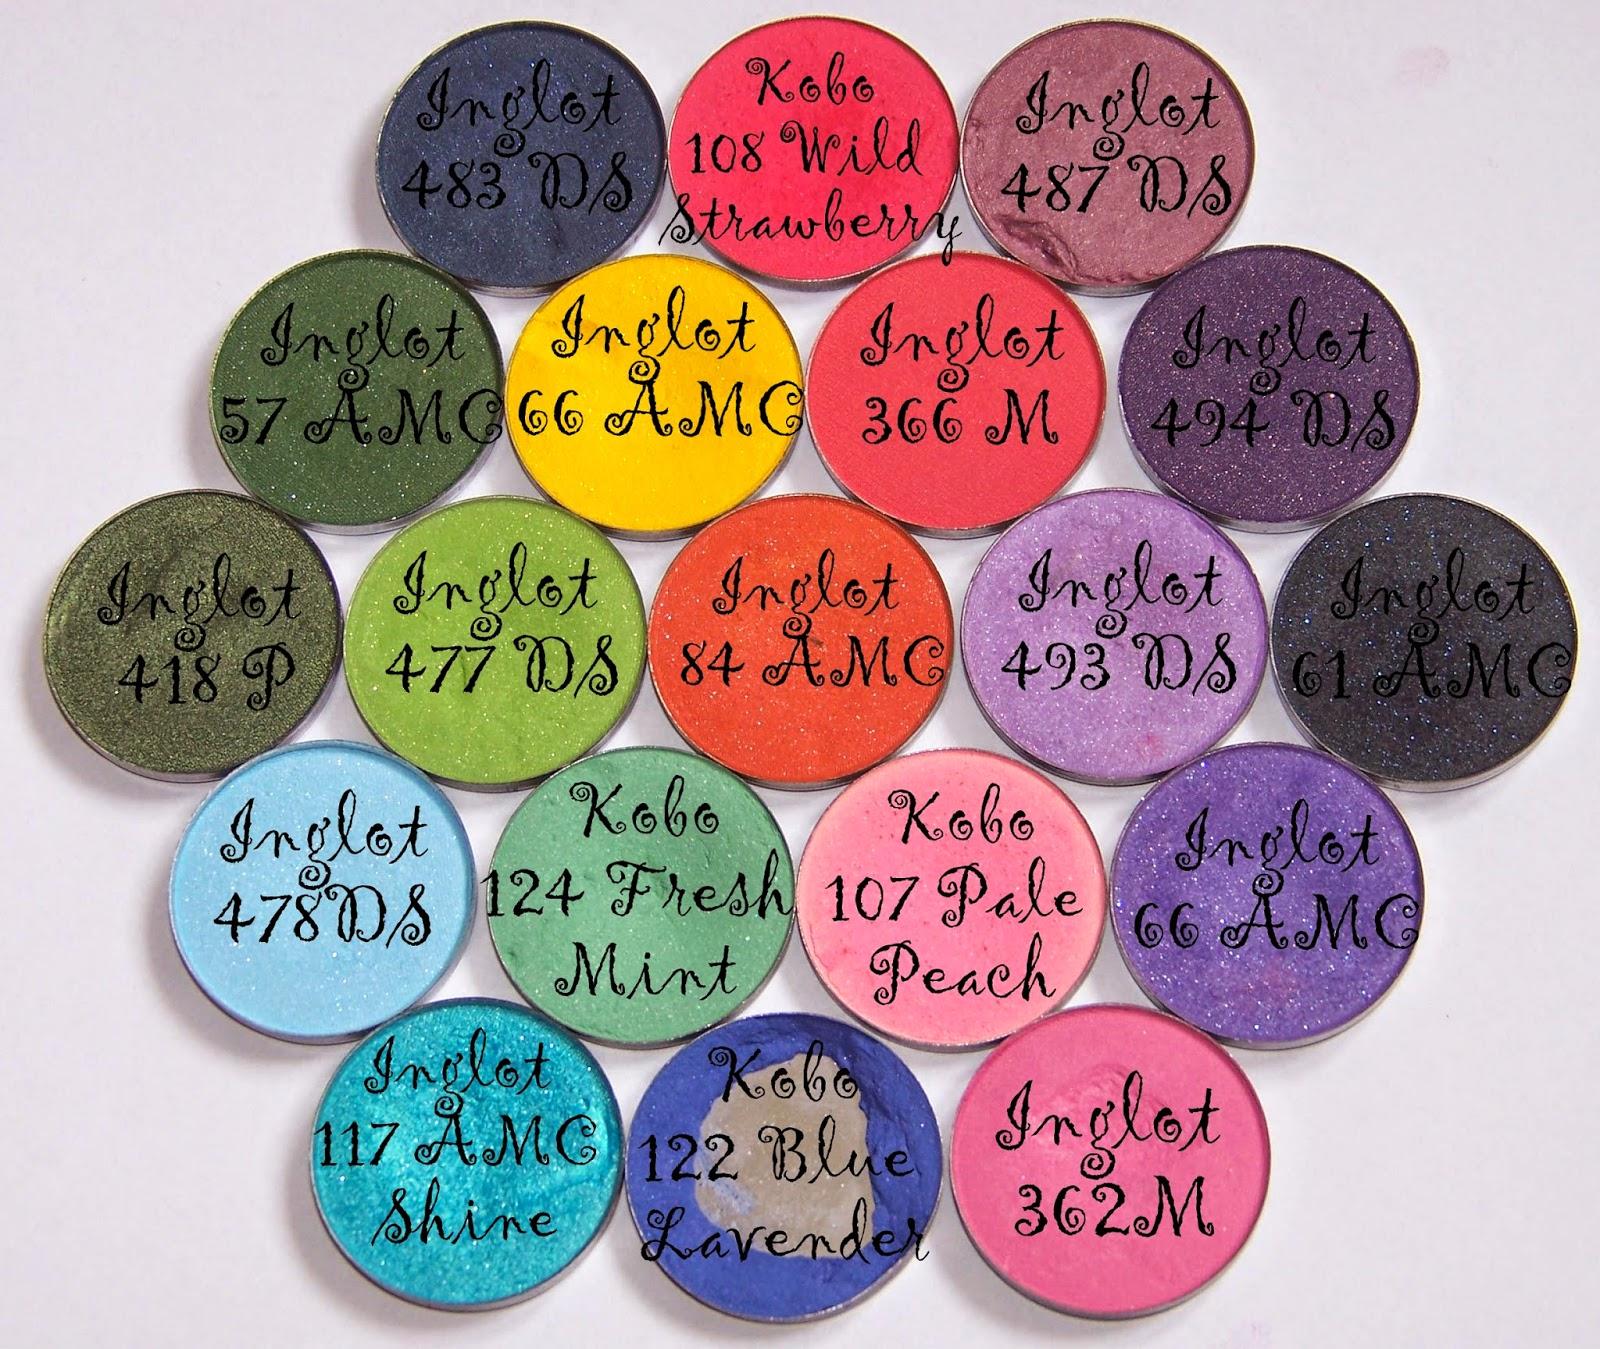 Kolorowe, okrągłe wkłady do paletek Inglot i Kobo